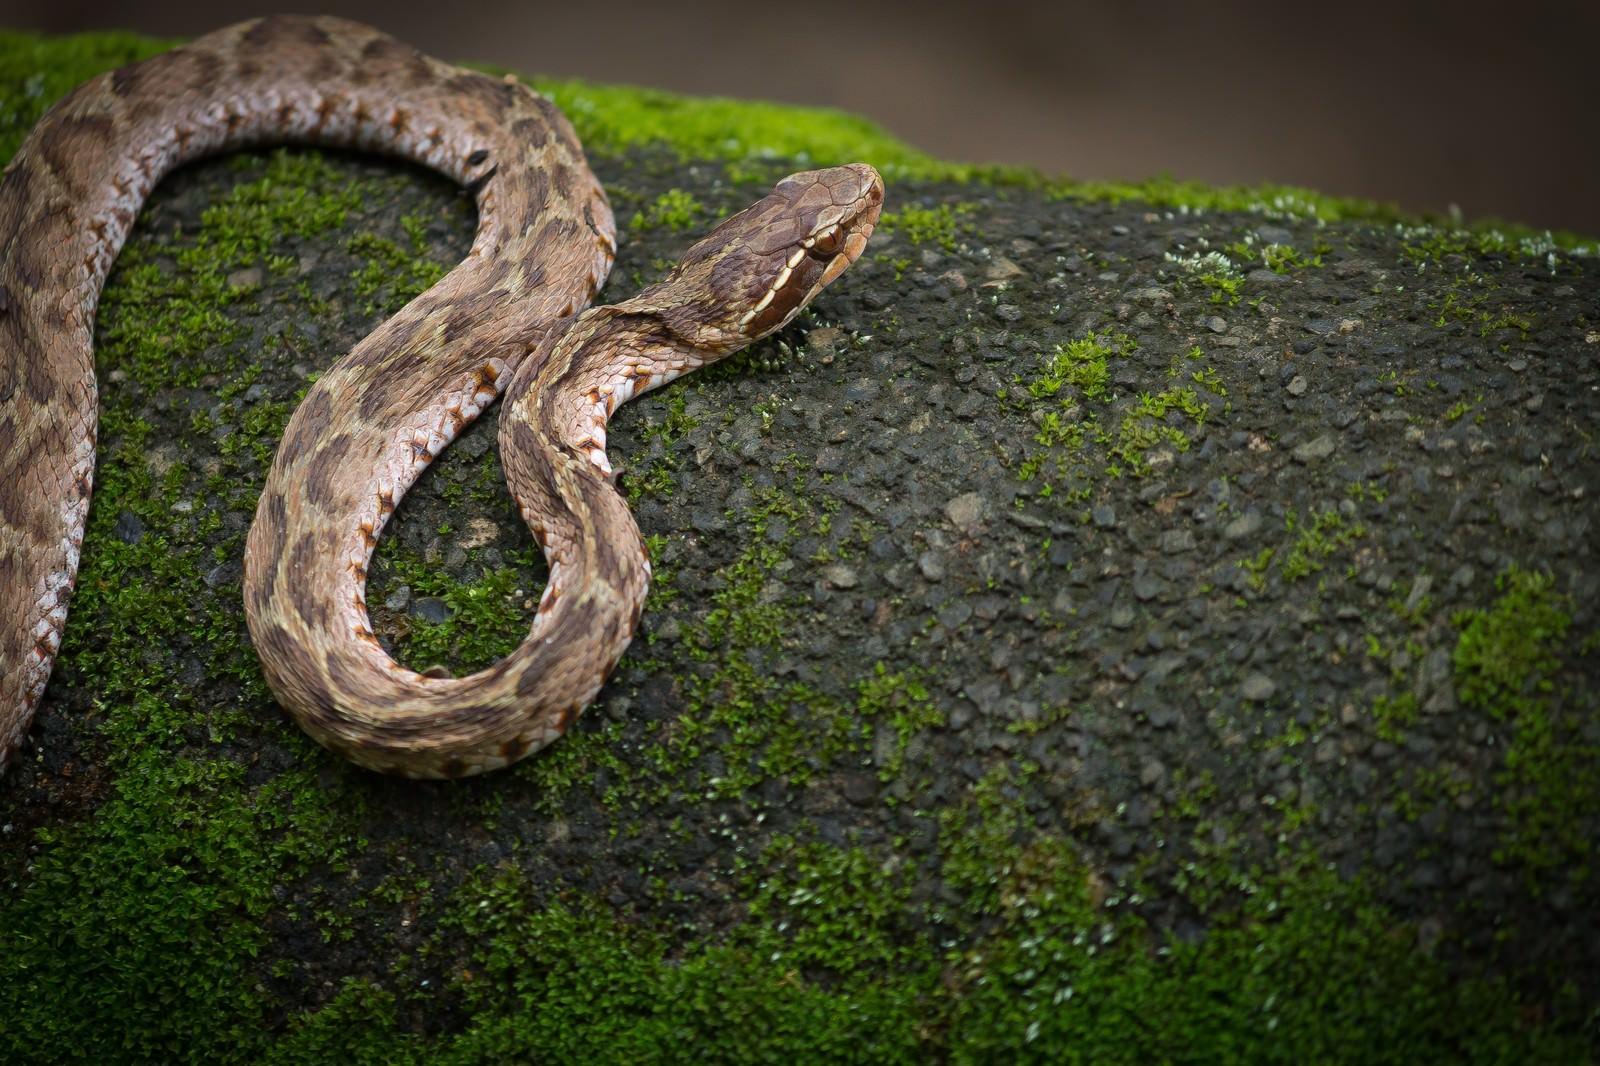 「ジメジメした場所を移動するマムシ(蛇)」の写真